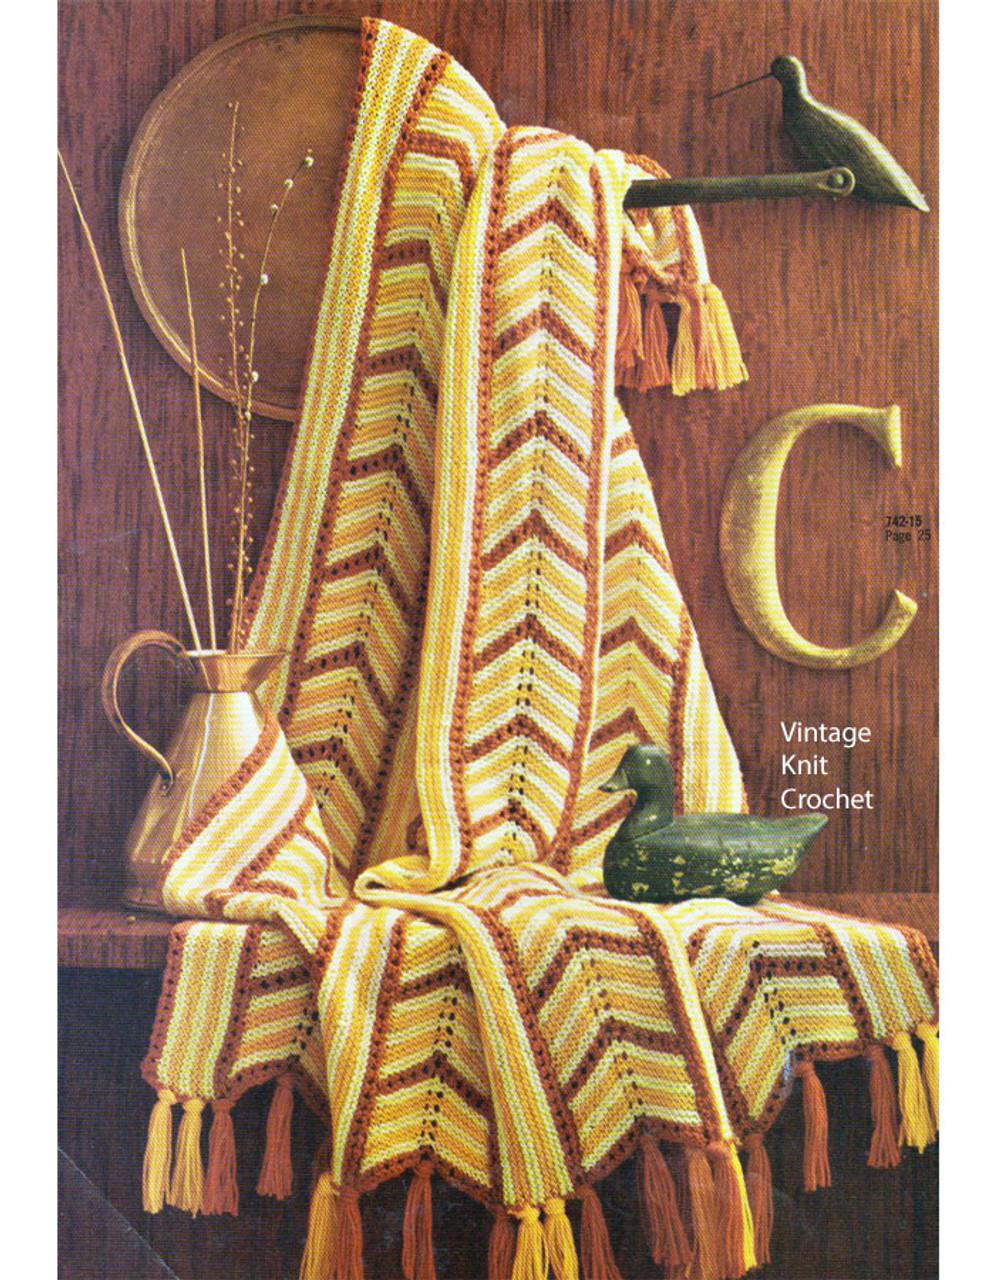 Easy Garter Stitch Blanket Knitting Pattern No 742-15